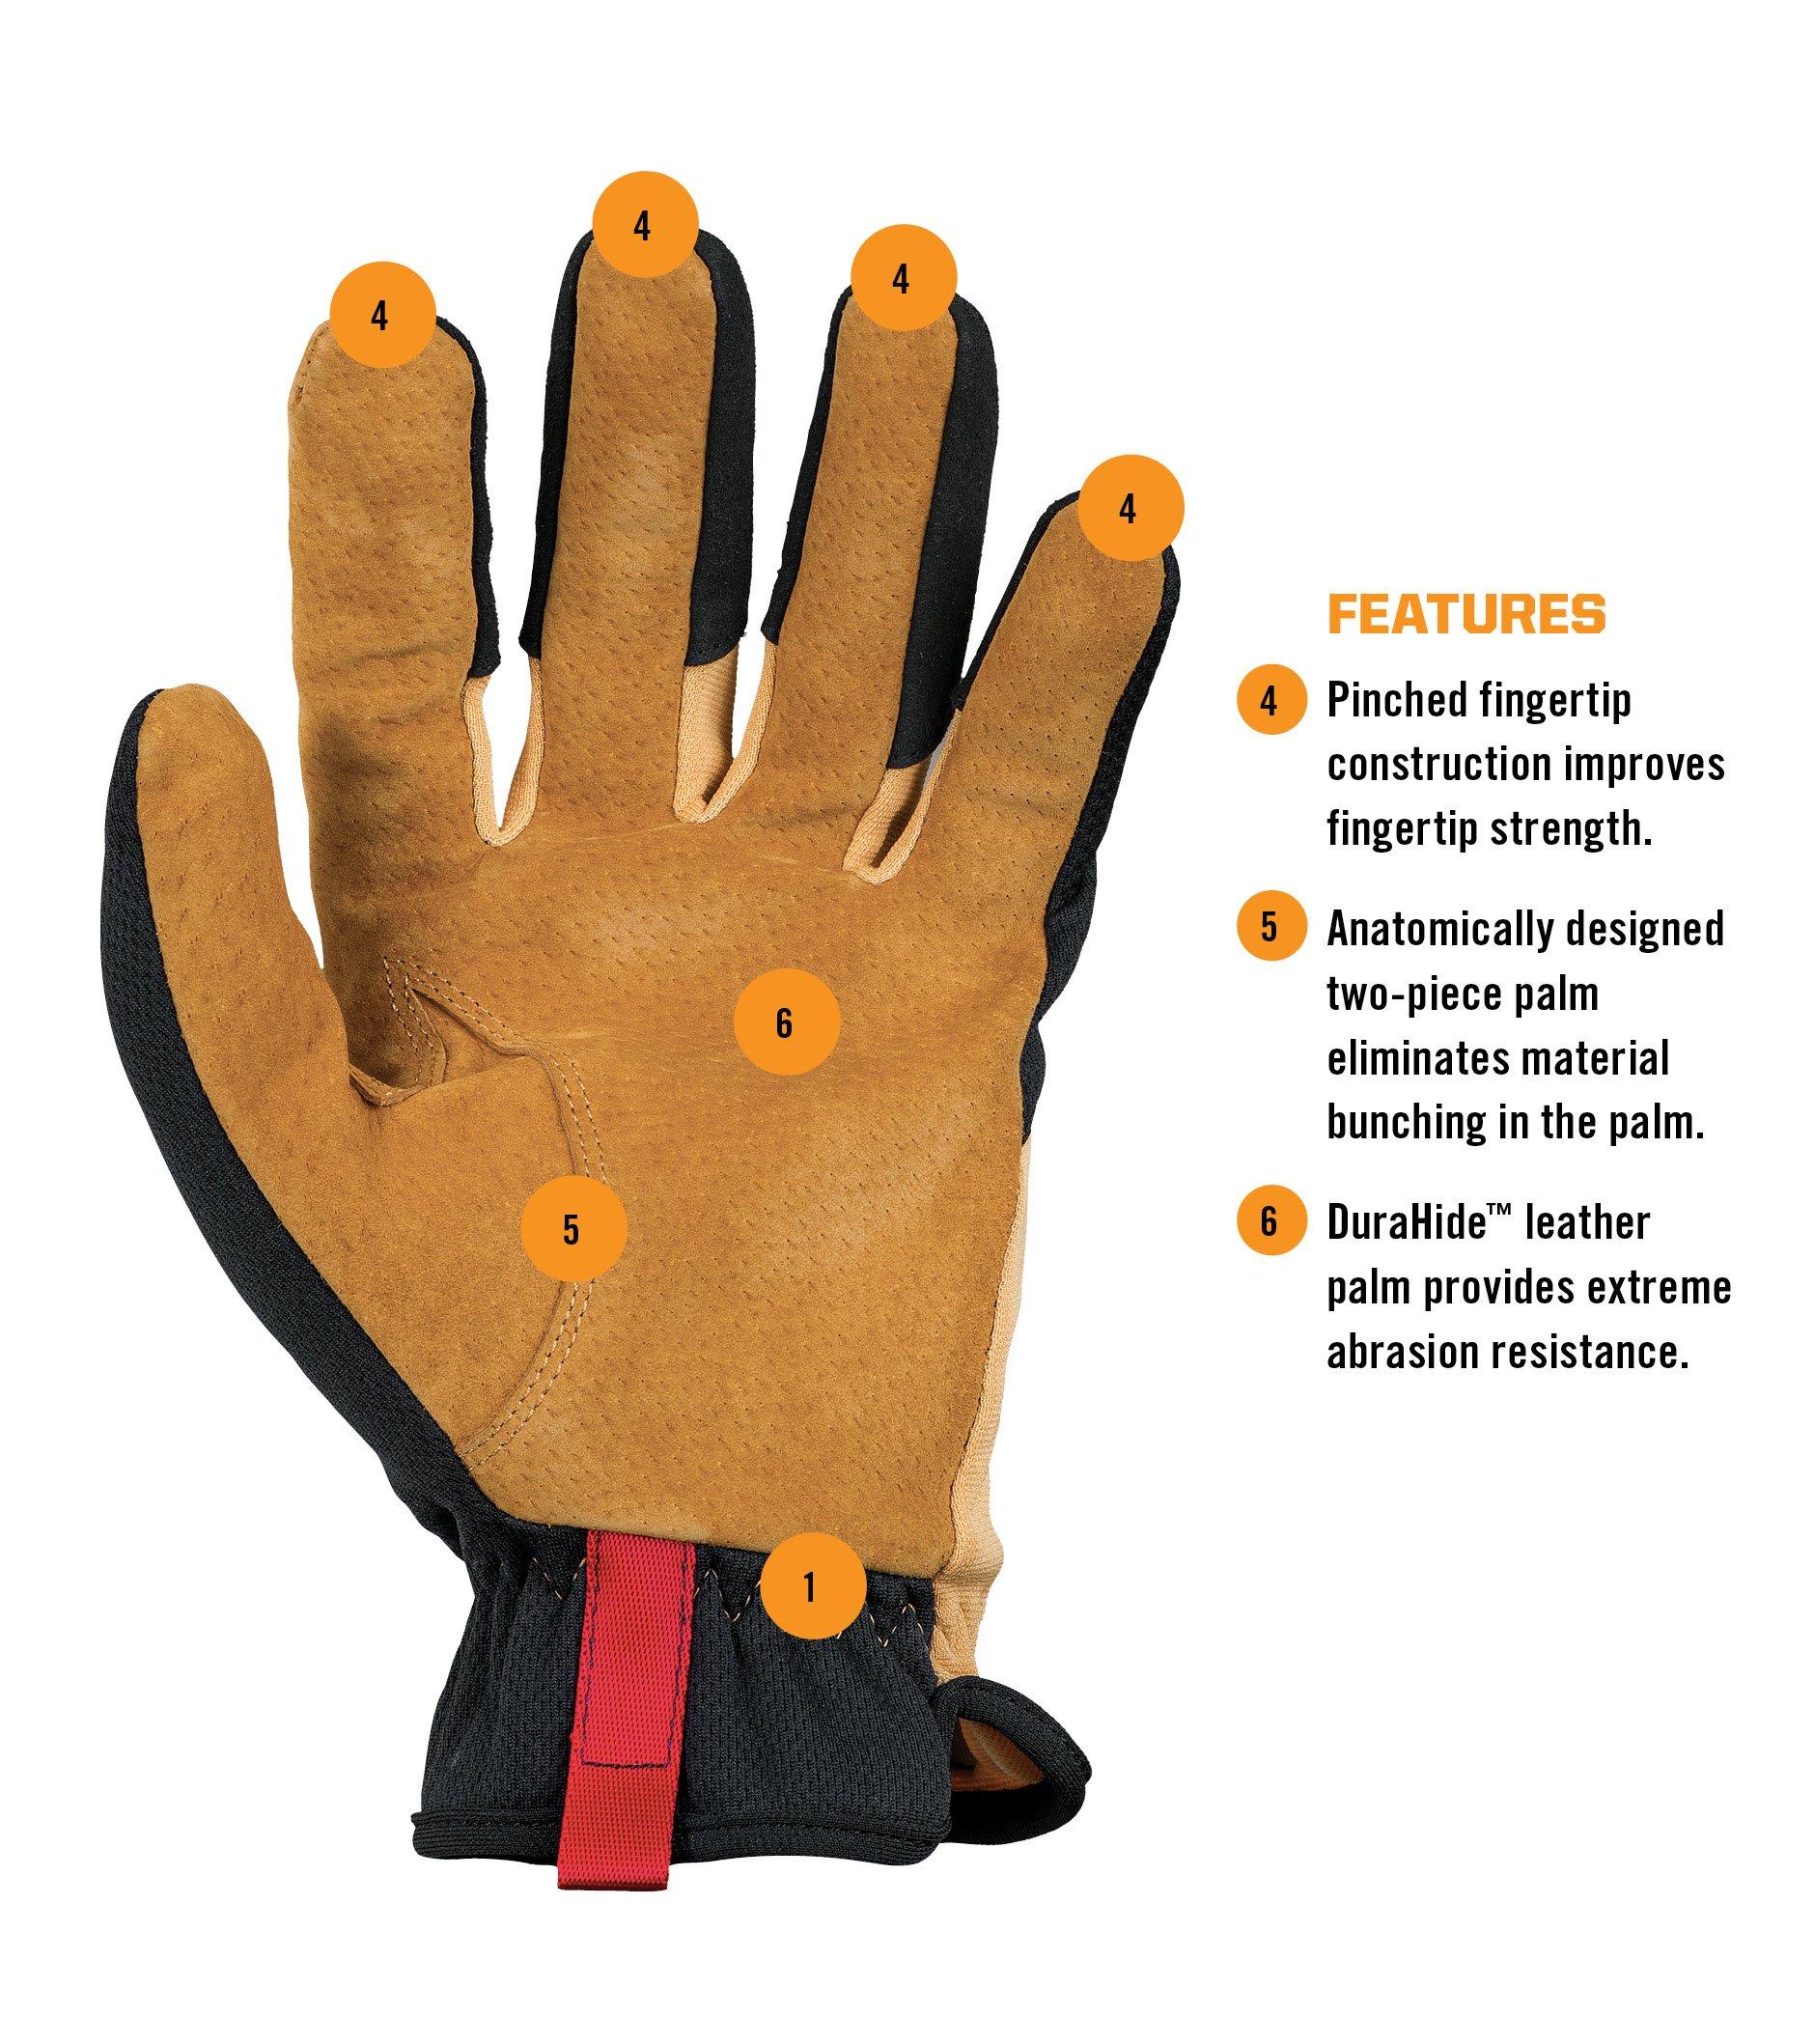 Mechanix Wear - Leather FastFit Gloves (Large, Brown/Black) by Mechanix Wear (Image #3)